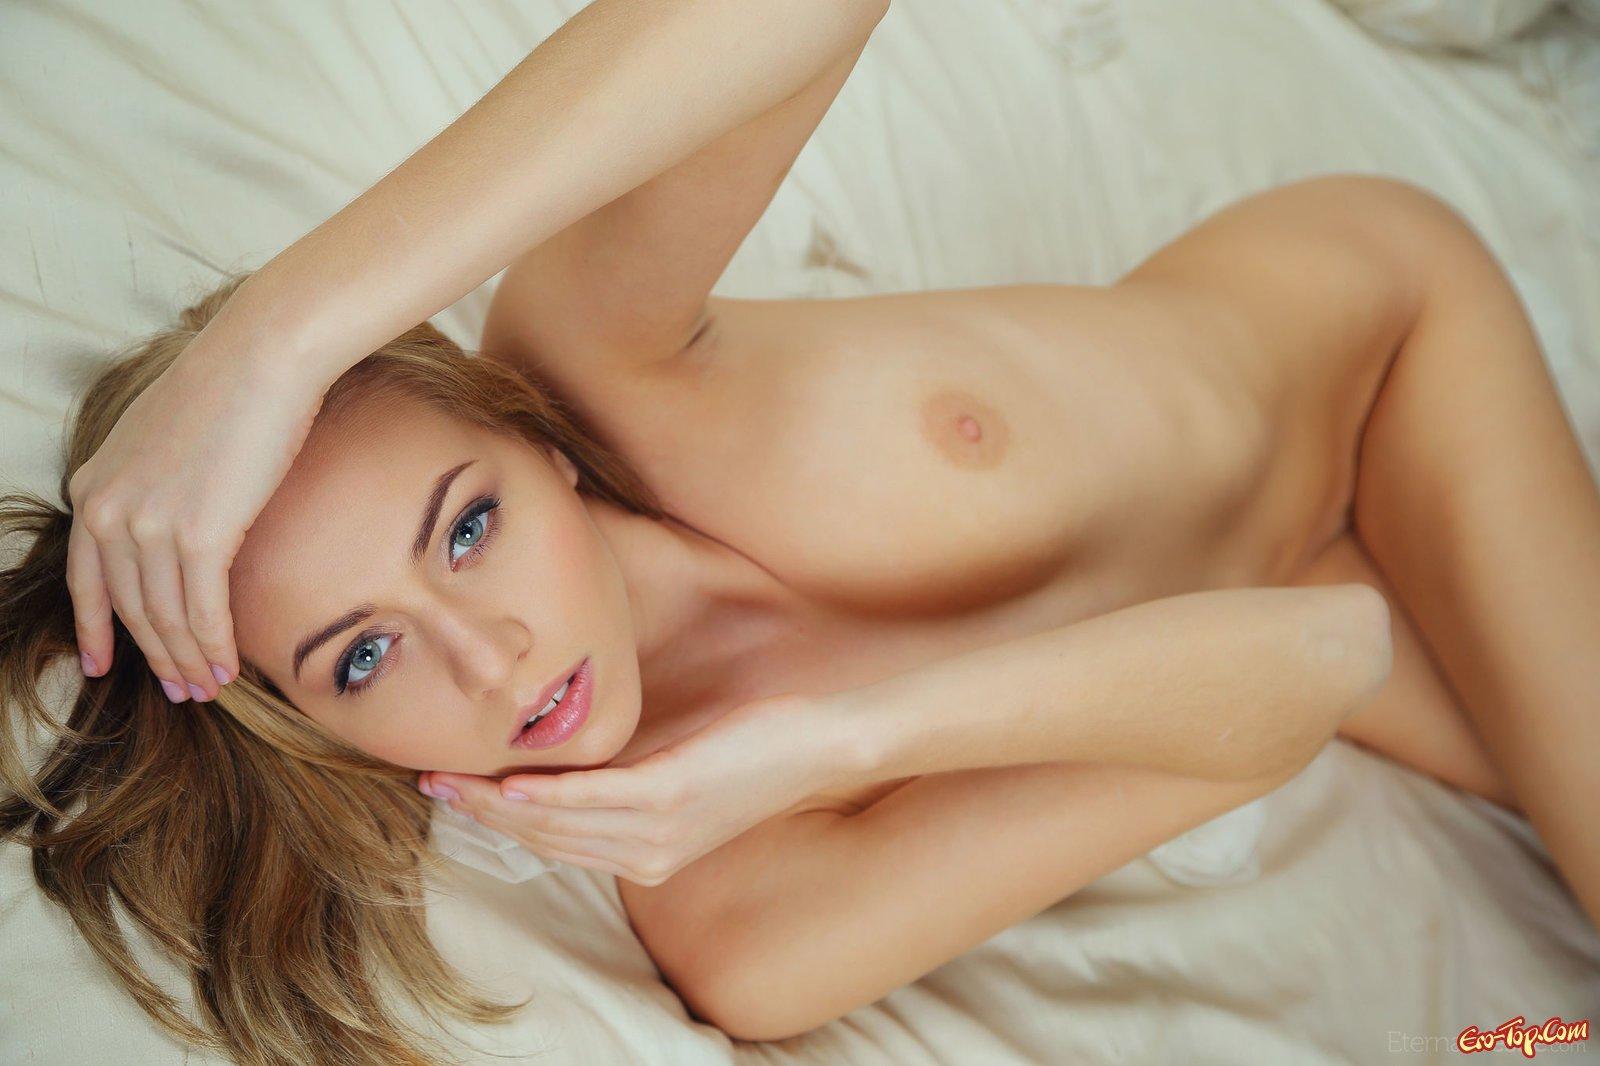 Красивая обнажённая девушка в постели